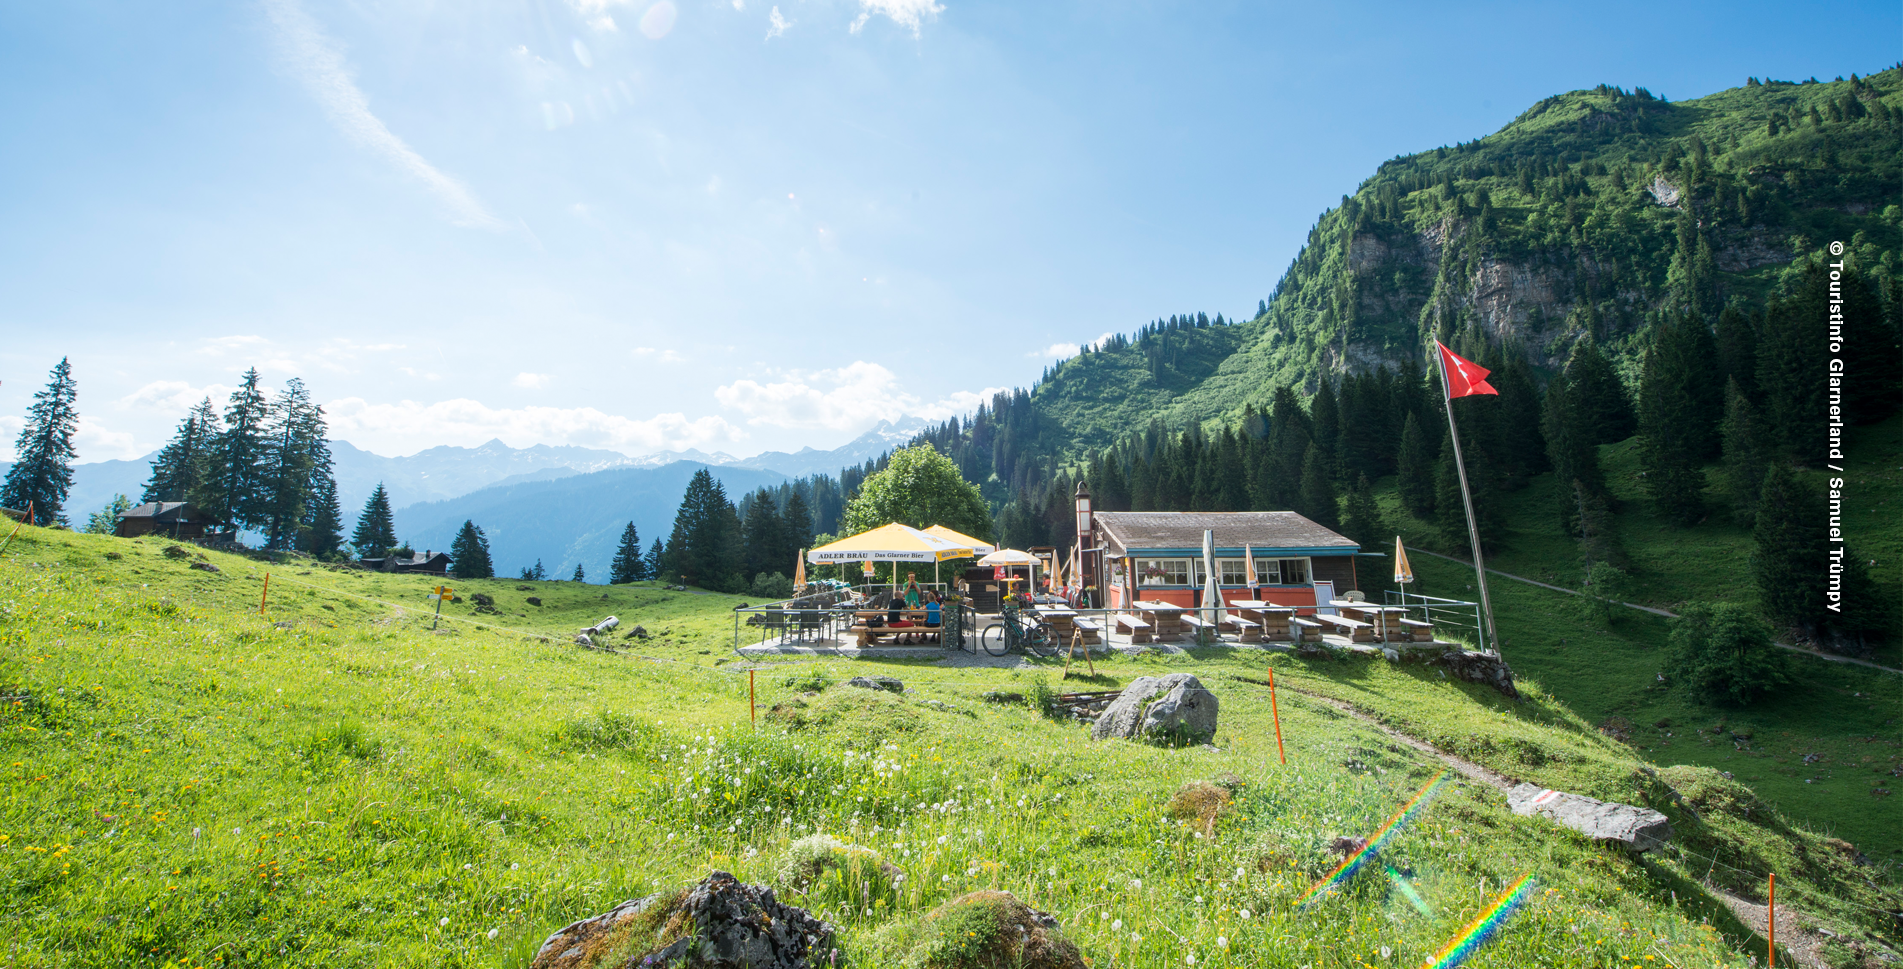 Wanderung von Braunwald zum Oberblegisee via Braunwaldalp, Bächialp nach Brunnenberg (Luchsingen)